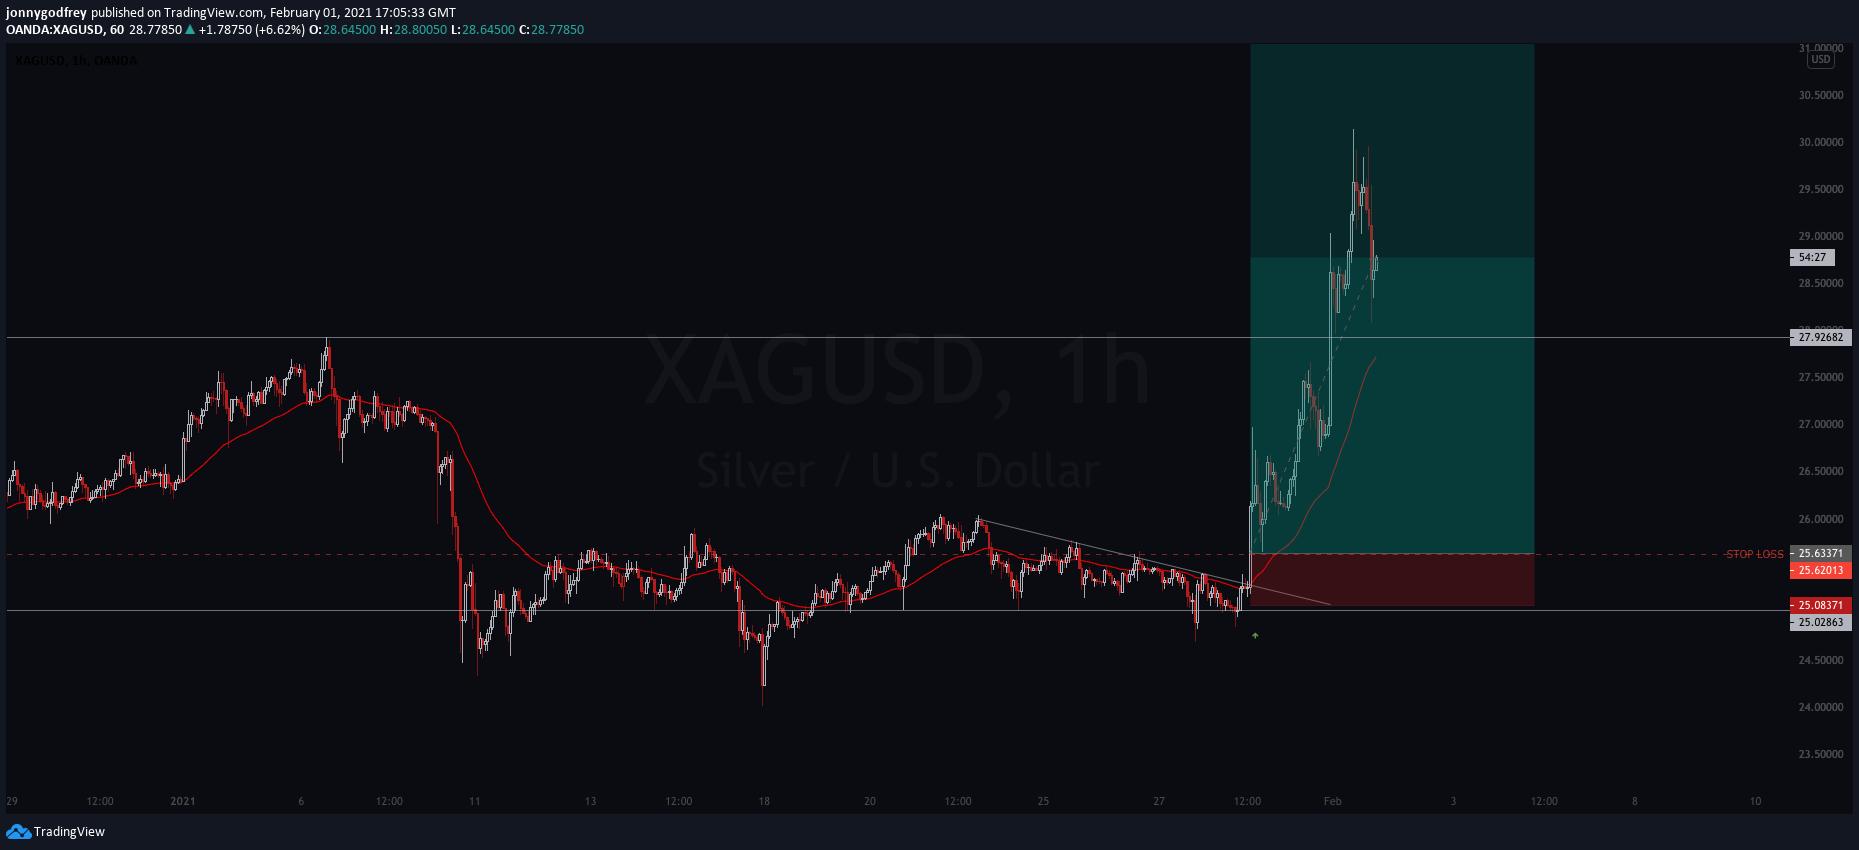 XAGUSD 1 hour chart